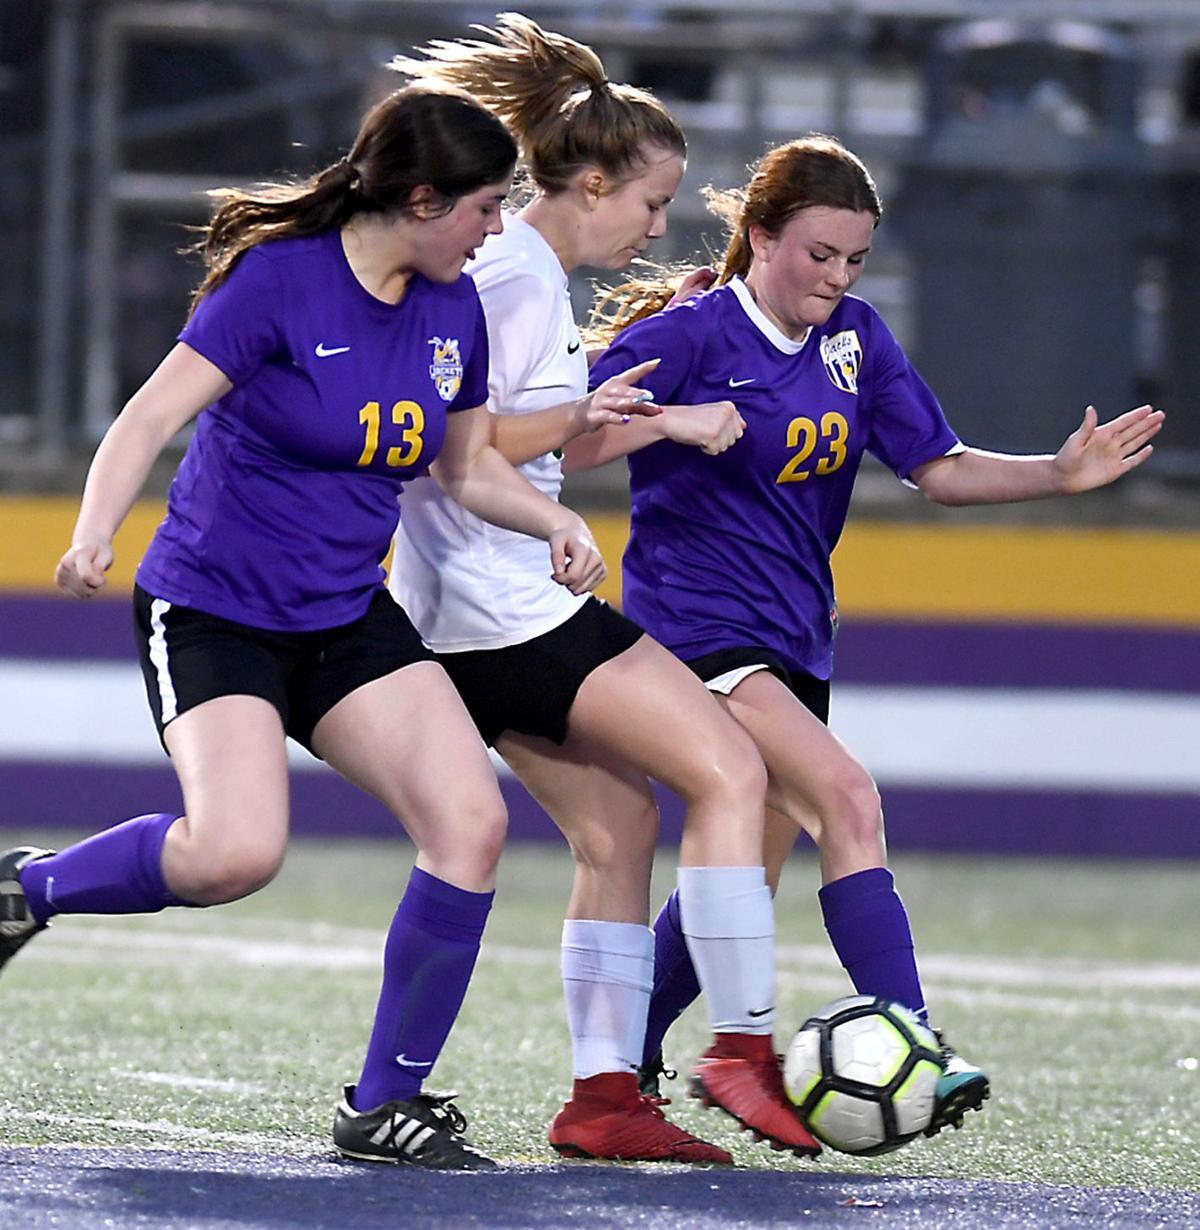 DSHS vs. Walker girls soccer: Brinley Williamson (13), Emily Ellis (23)